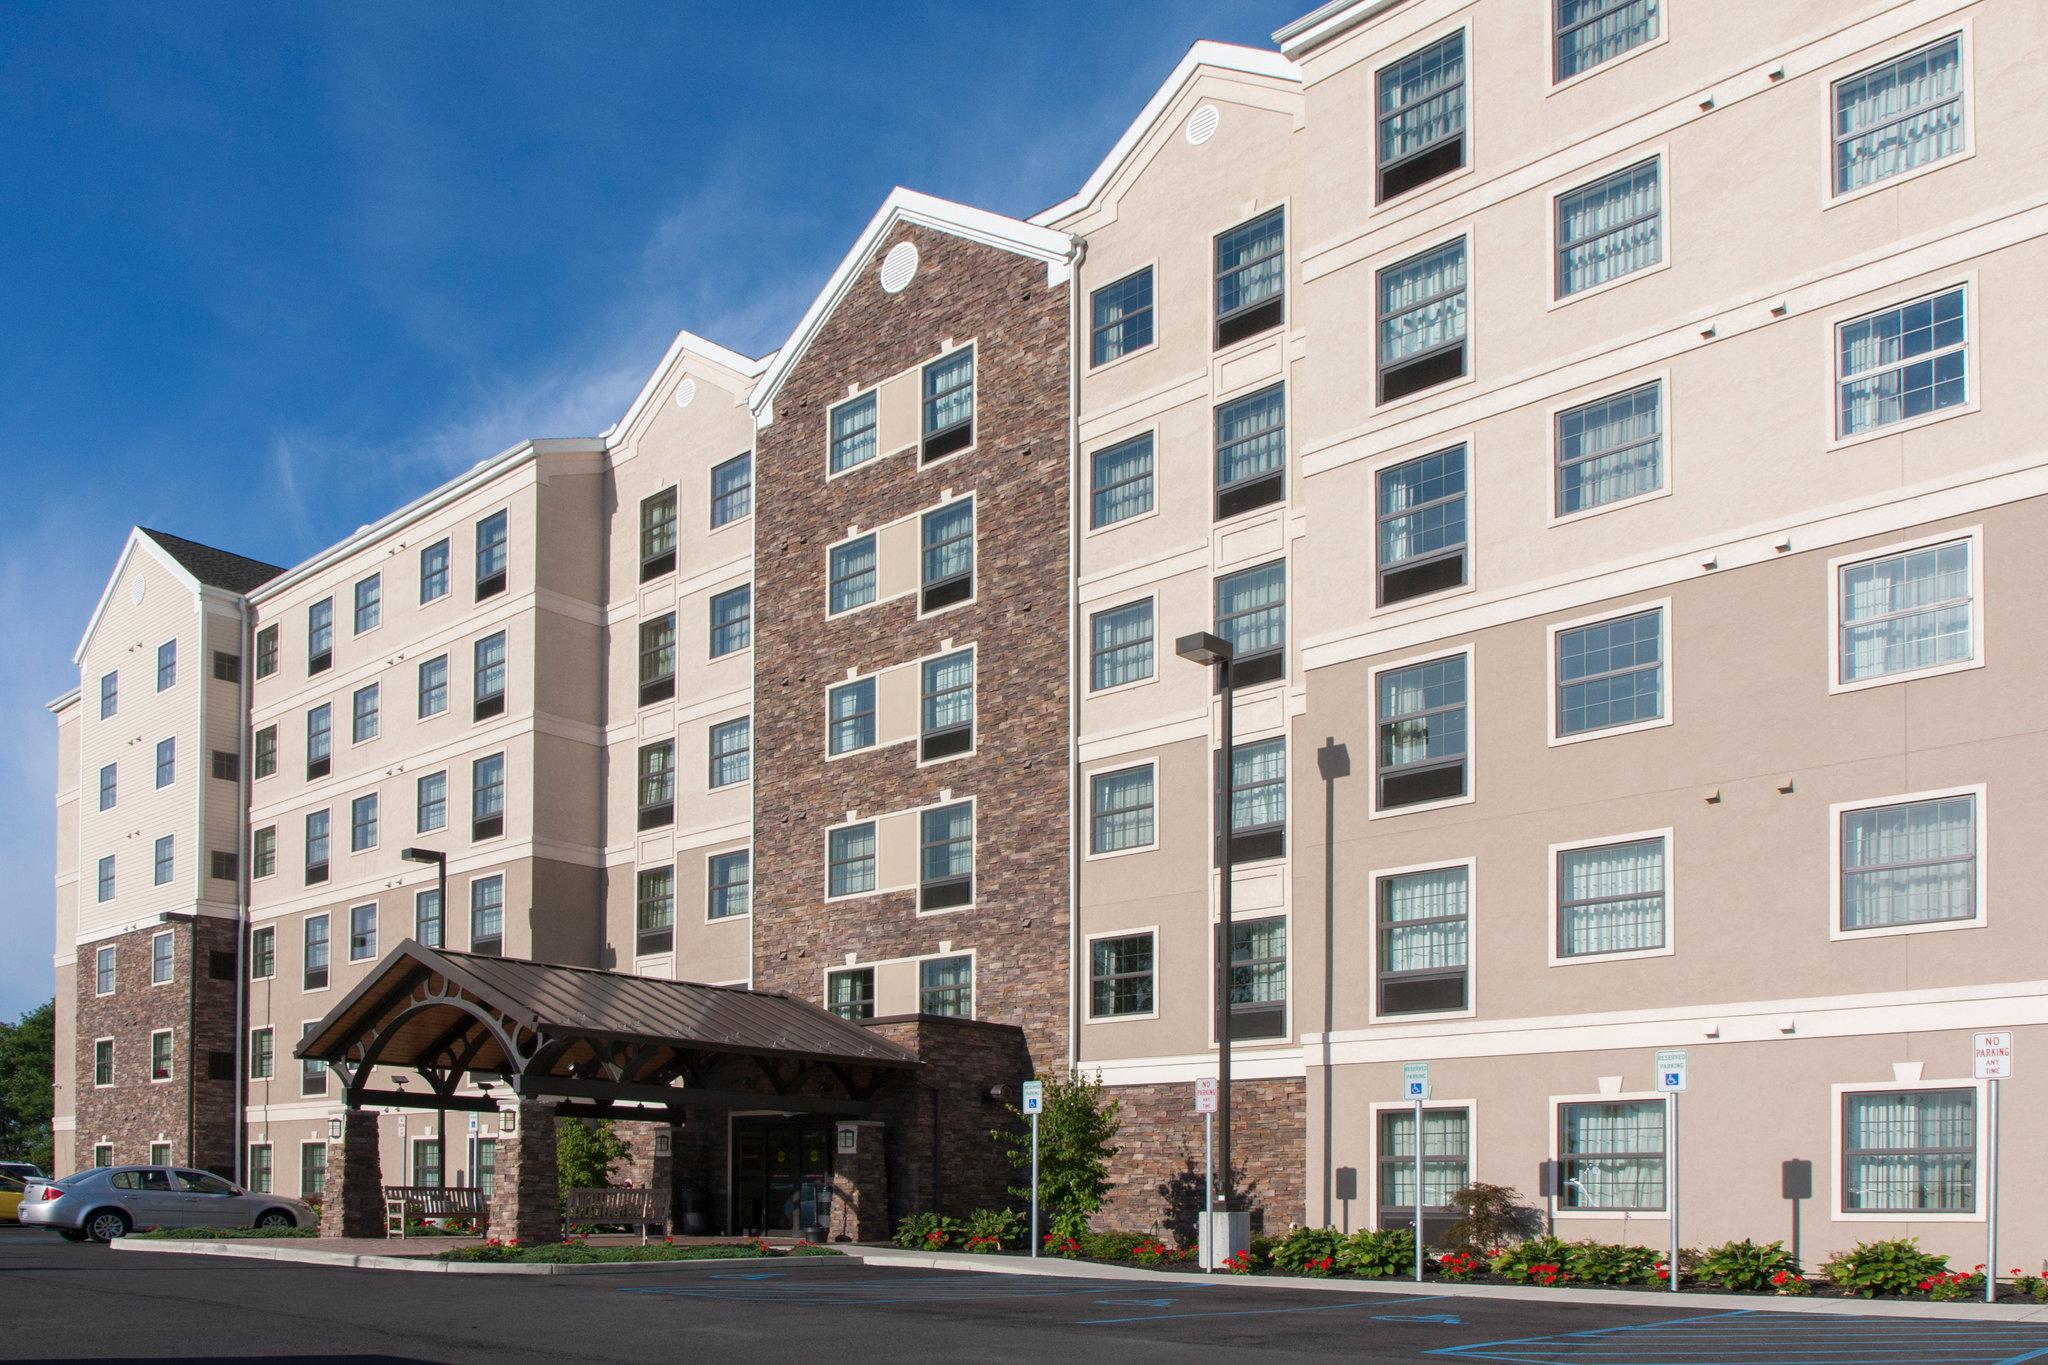 Staybridge Suites - Buffalo